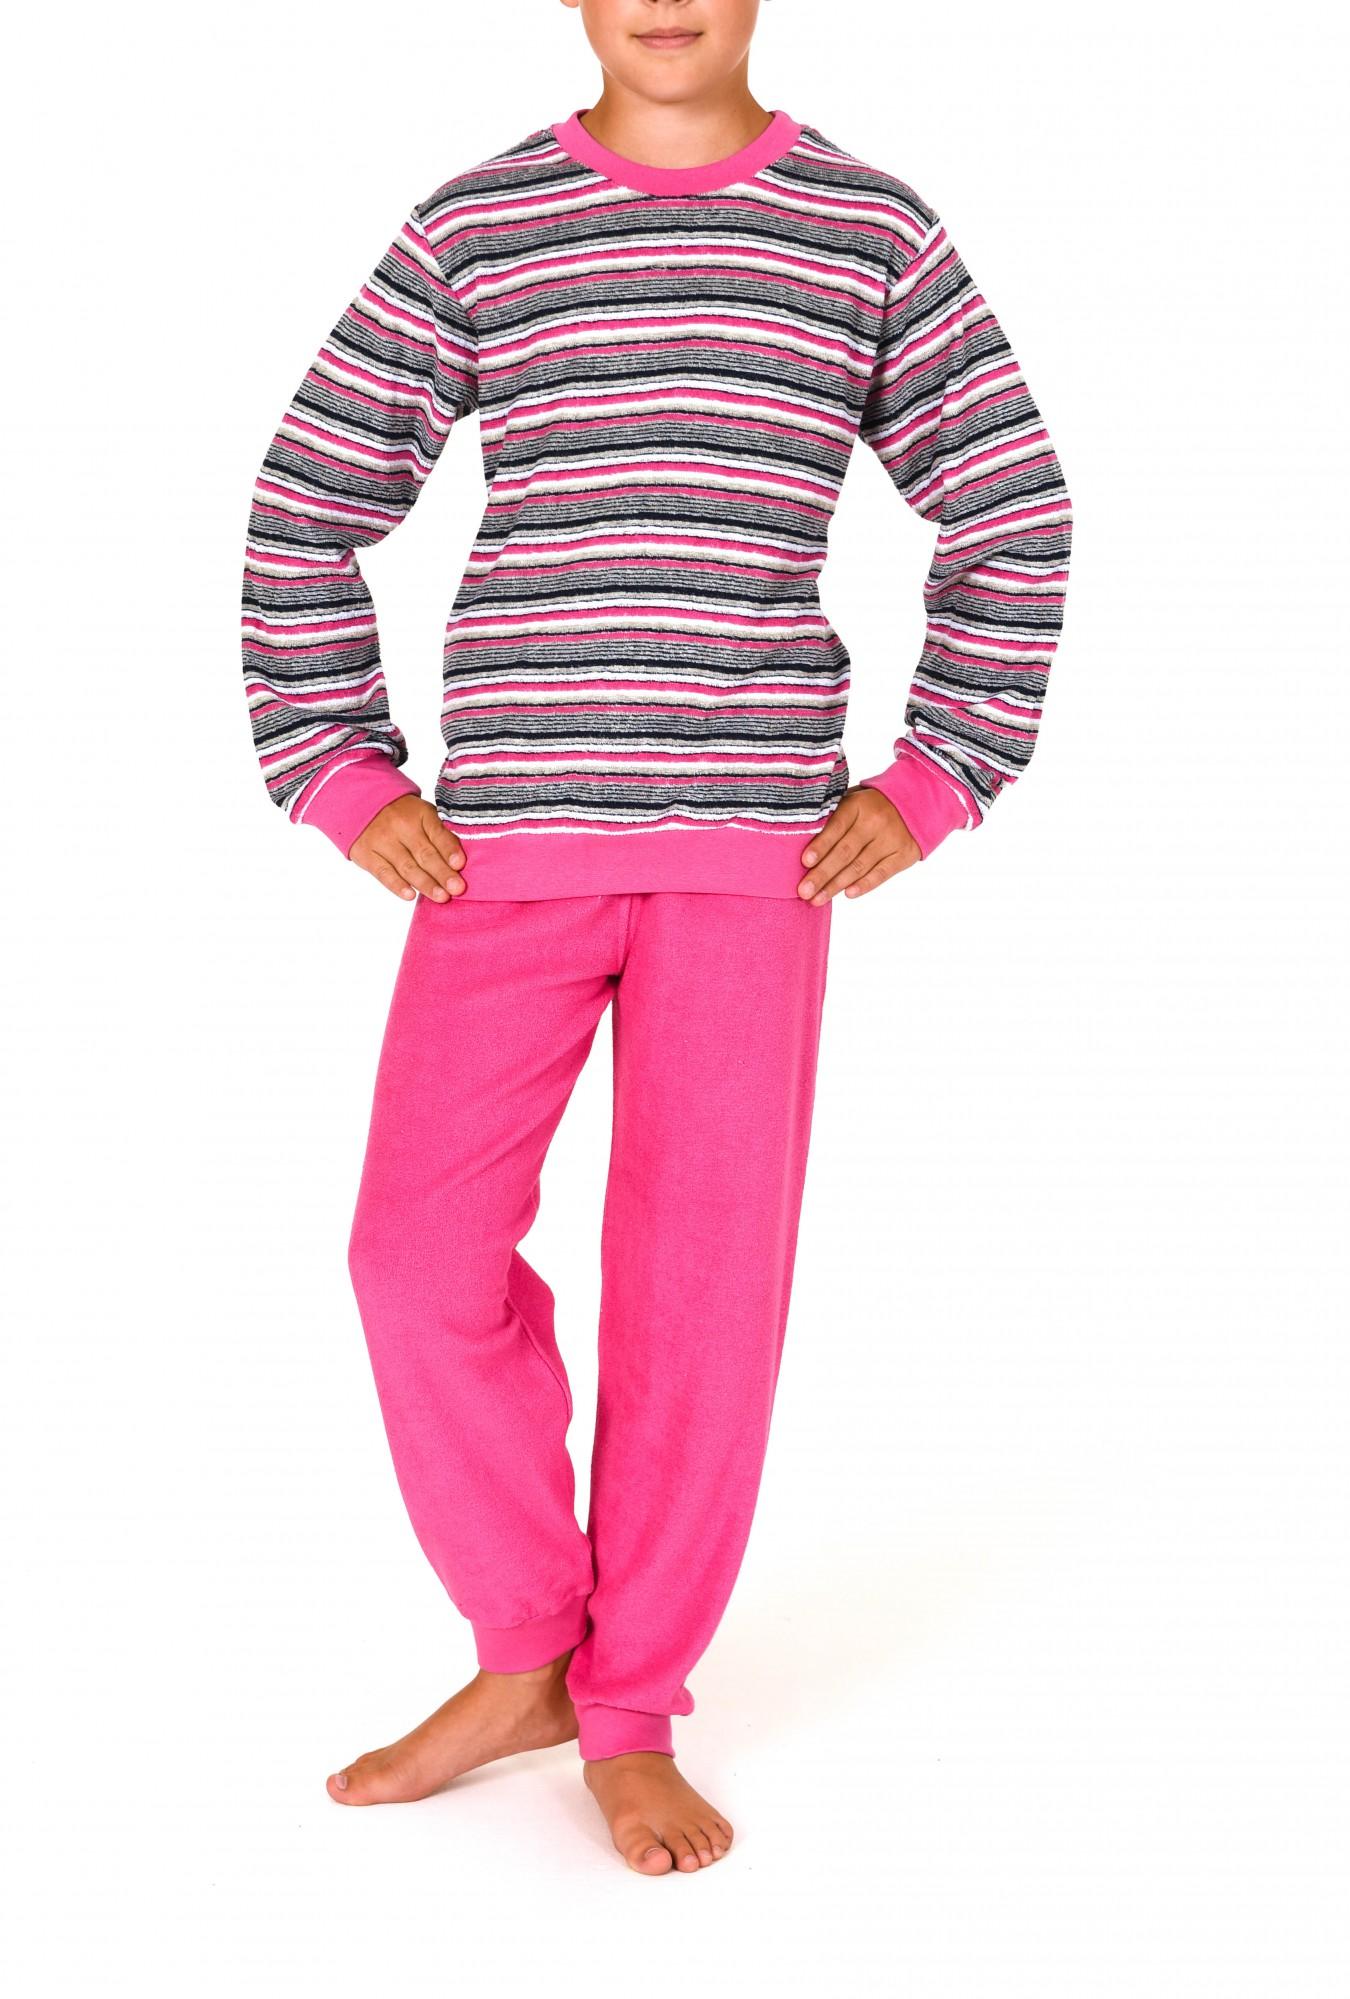 Mädchen Frottee Pyjama lang mit Bündchen   251 401 93 045 – Bild 1